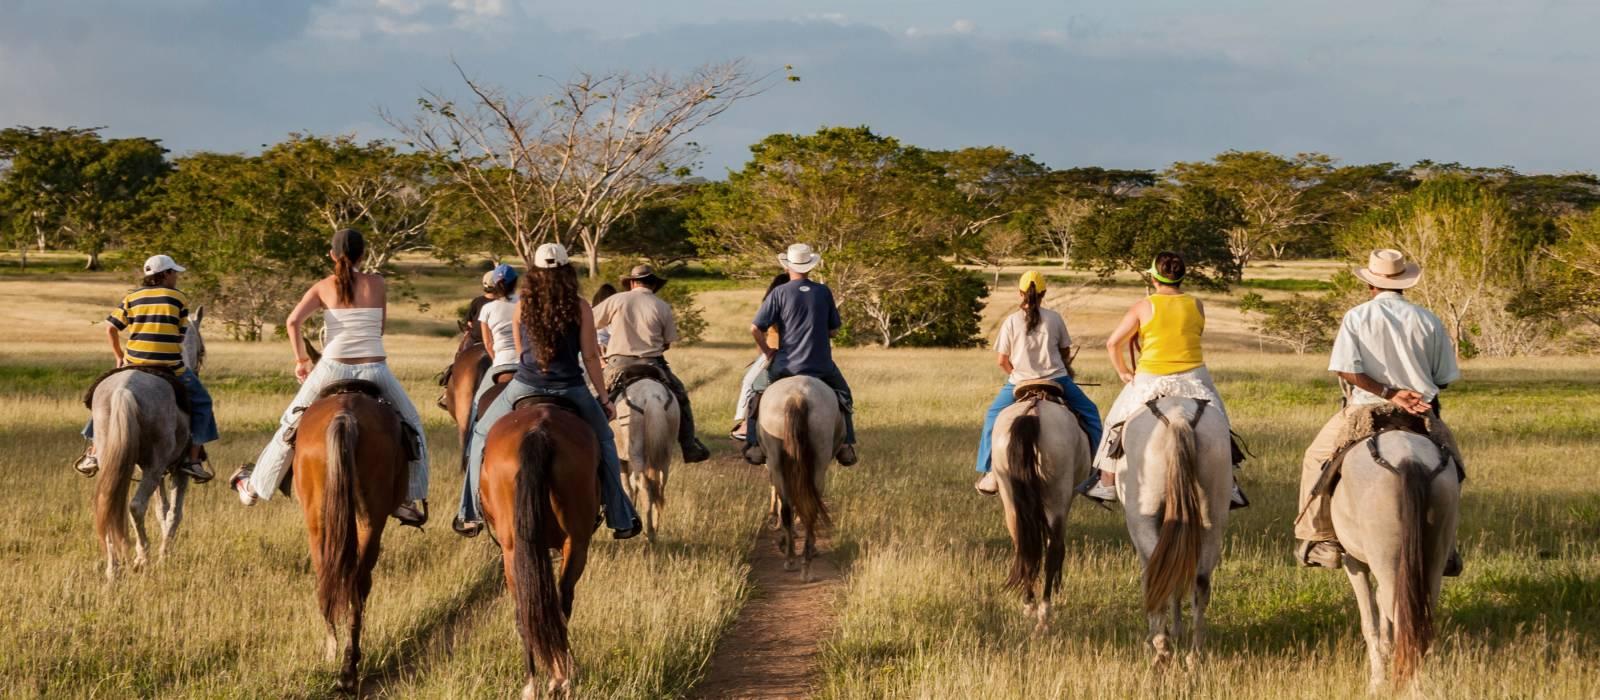 Perspektive eines Llaneros (kolumbianischer Cowboy), Südamerika